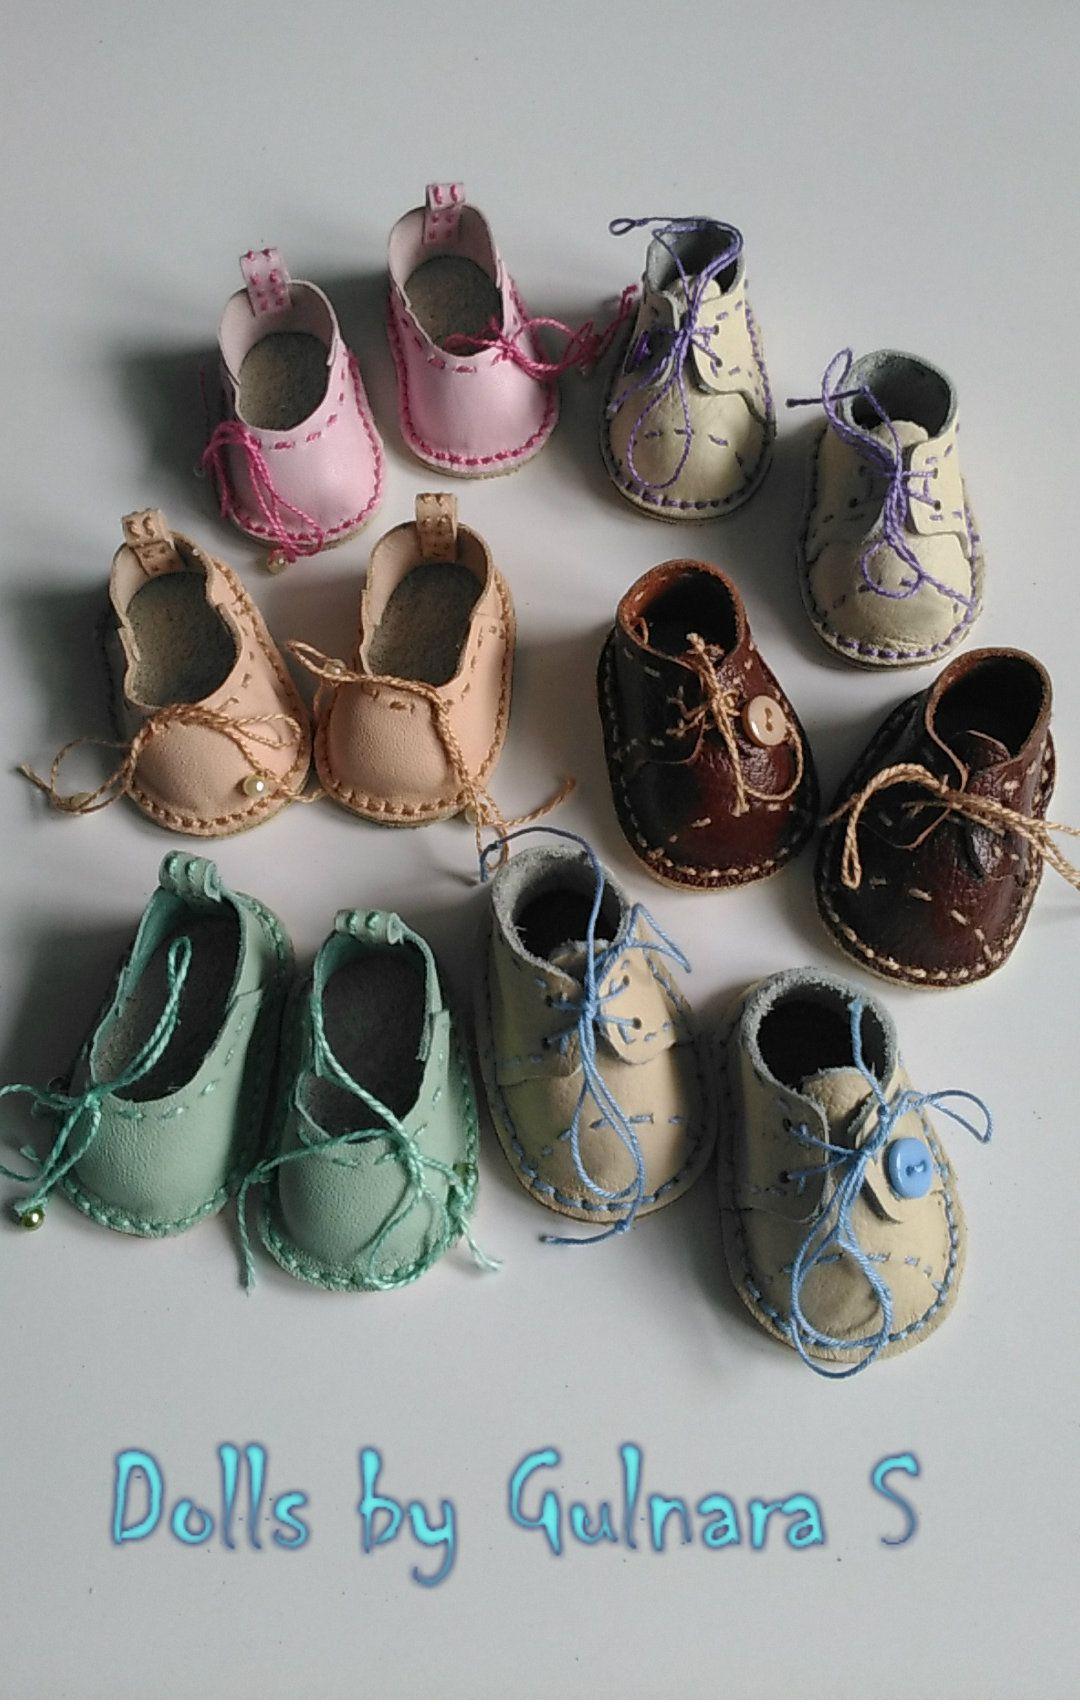 авторская работа для обувь куклыгульнарыс тильда кожаные ботинки кукол